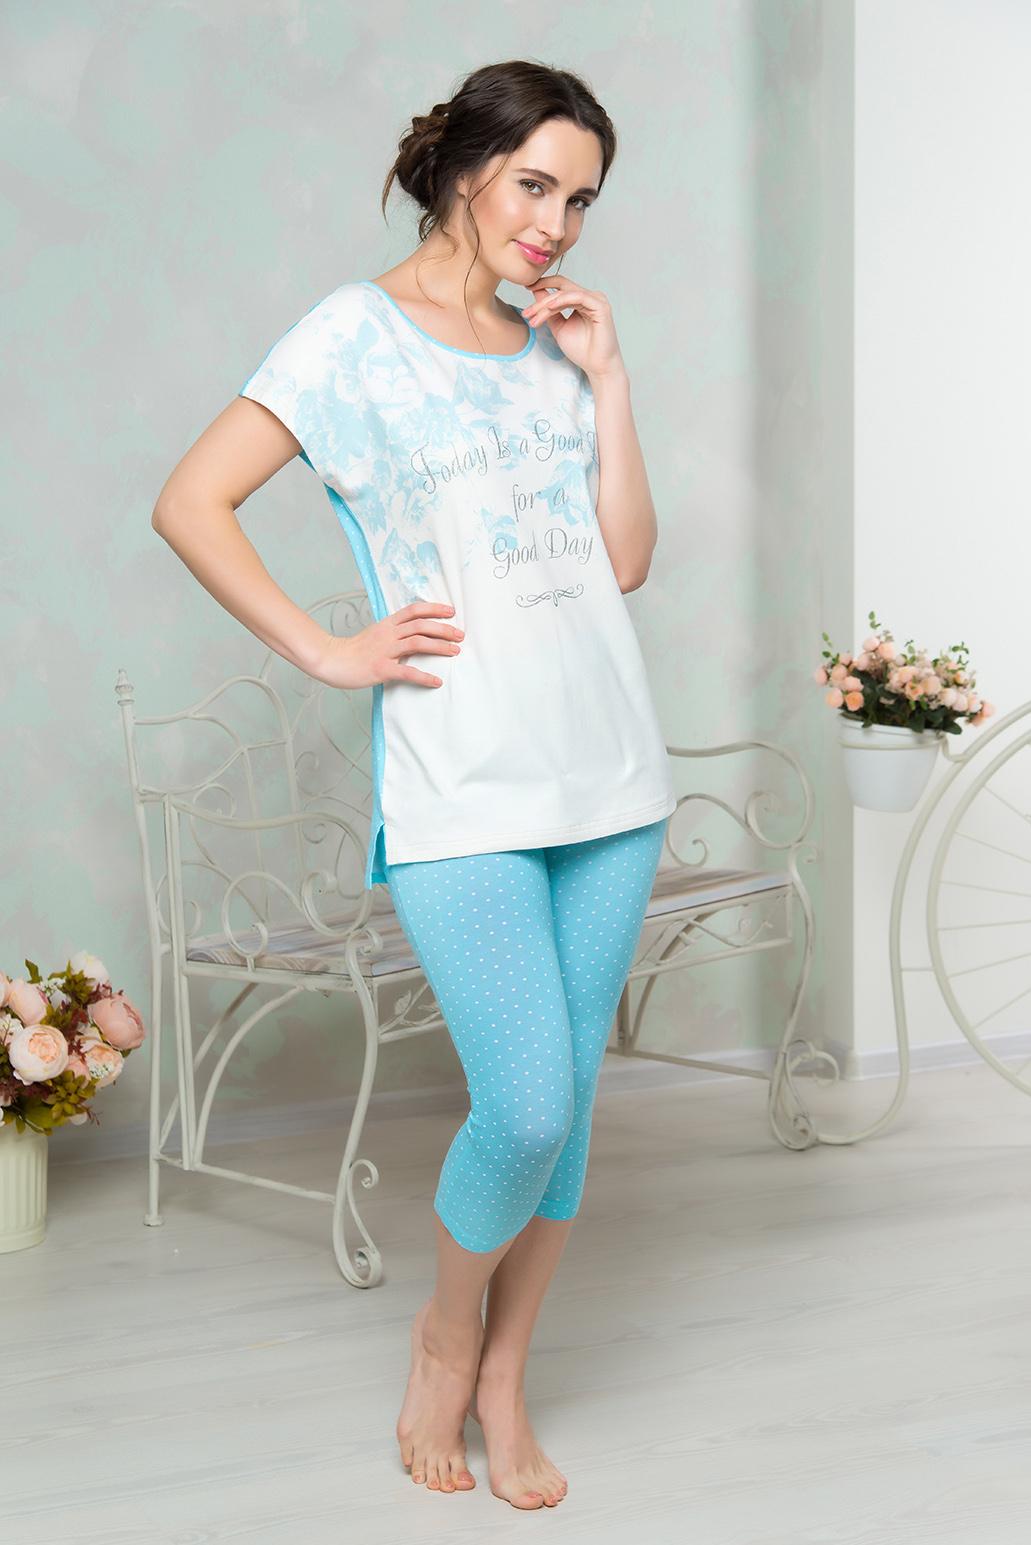 Комплект домашний женский Mia Cara: футболка, капри, цвет: голубой. AW16-MCUZ-847. Размер 42/44AW16-MCUZ-847Комплект домашний одежды Mia Cara состоит из футболки и брюк-капри. Модель выполнена из высококачественного хлопка с добавлением эластана. Футболка с круглой горловиной дополнена принтом с надписями и небольшими разрезами по бокам. Капри оформлены рисунком в горошек.